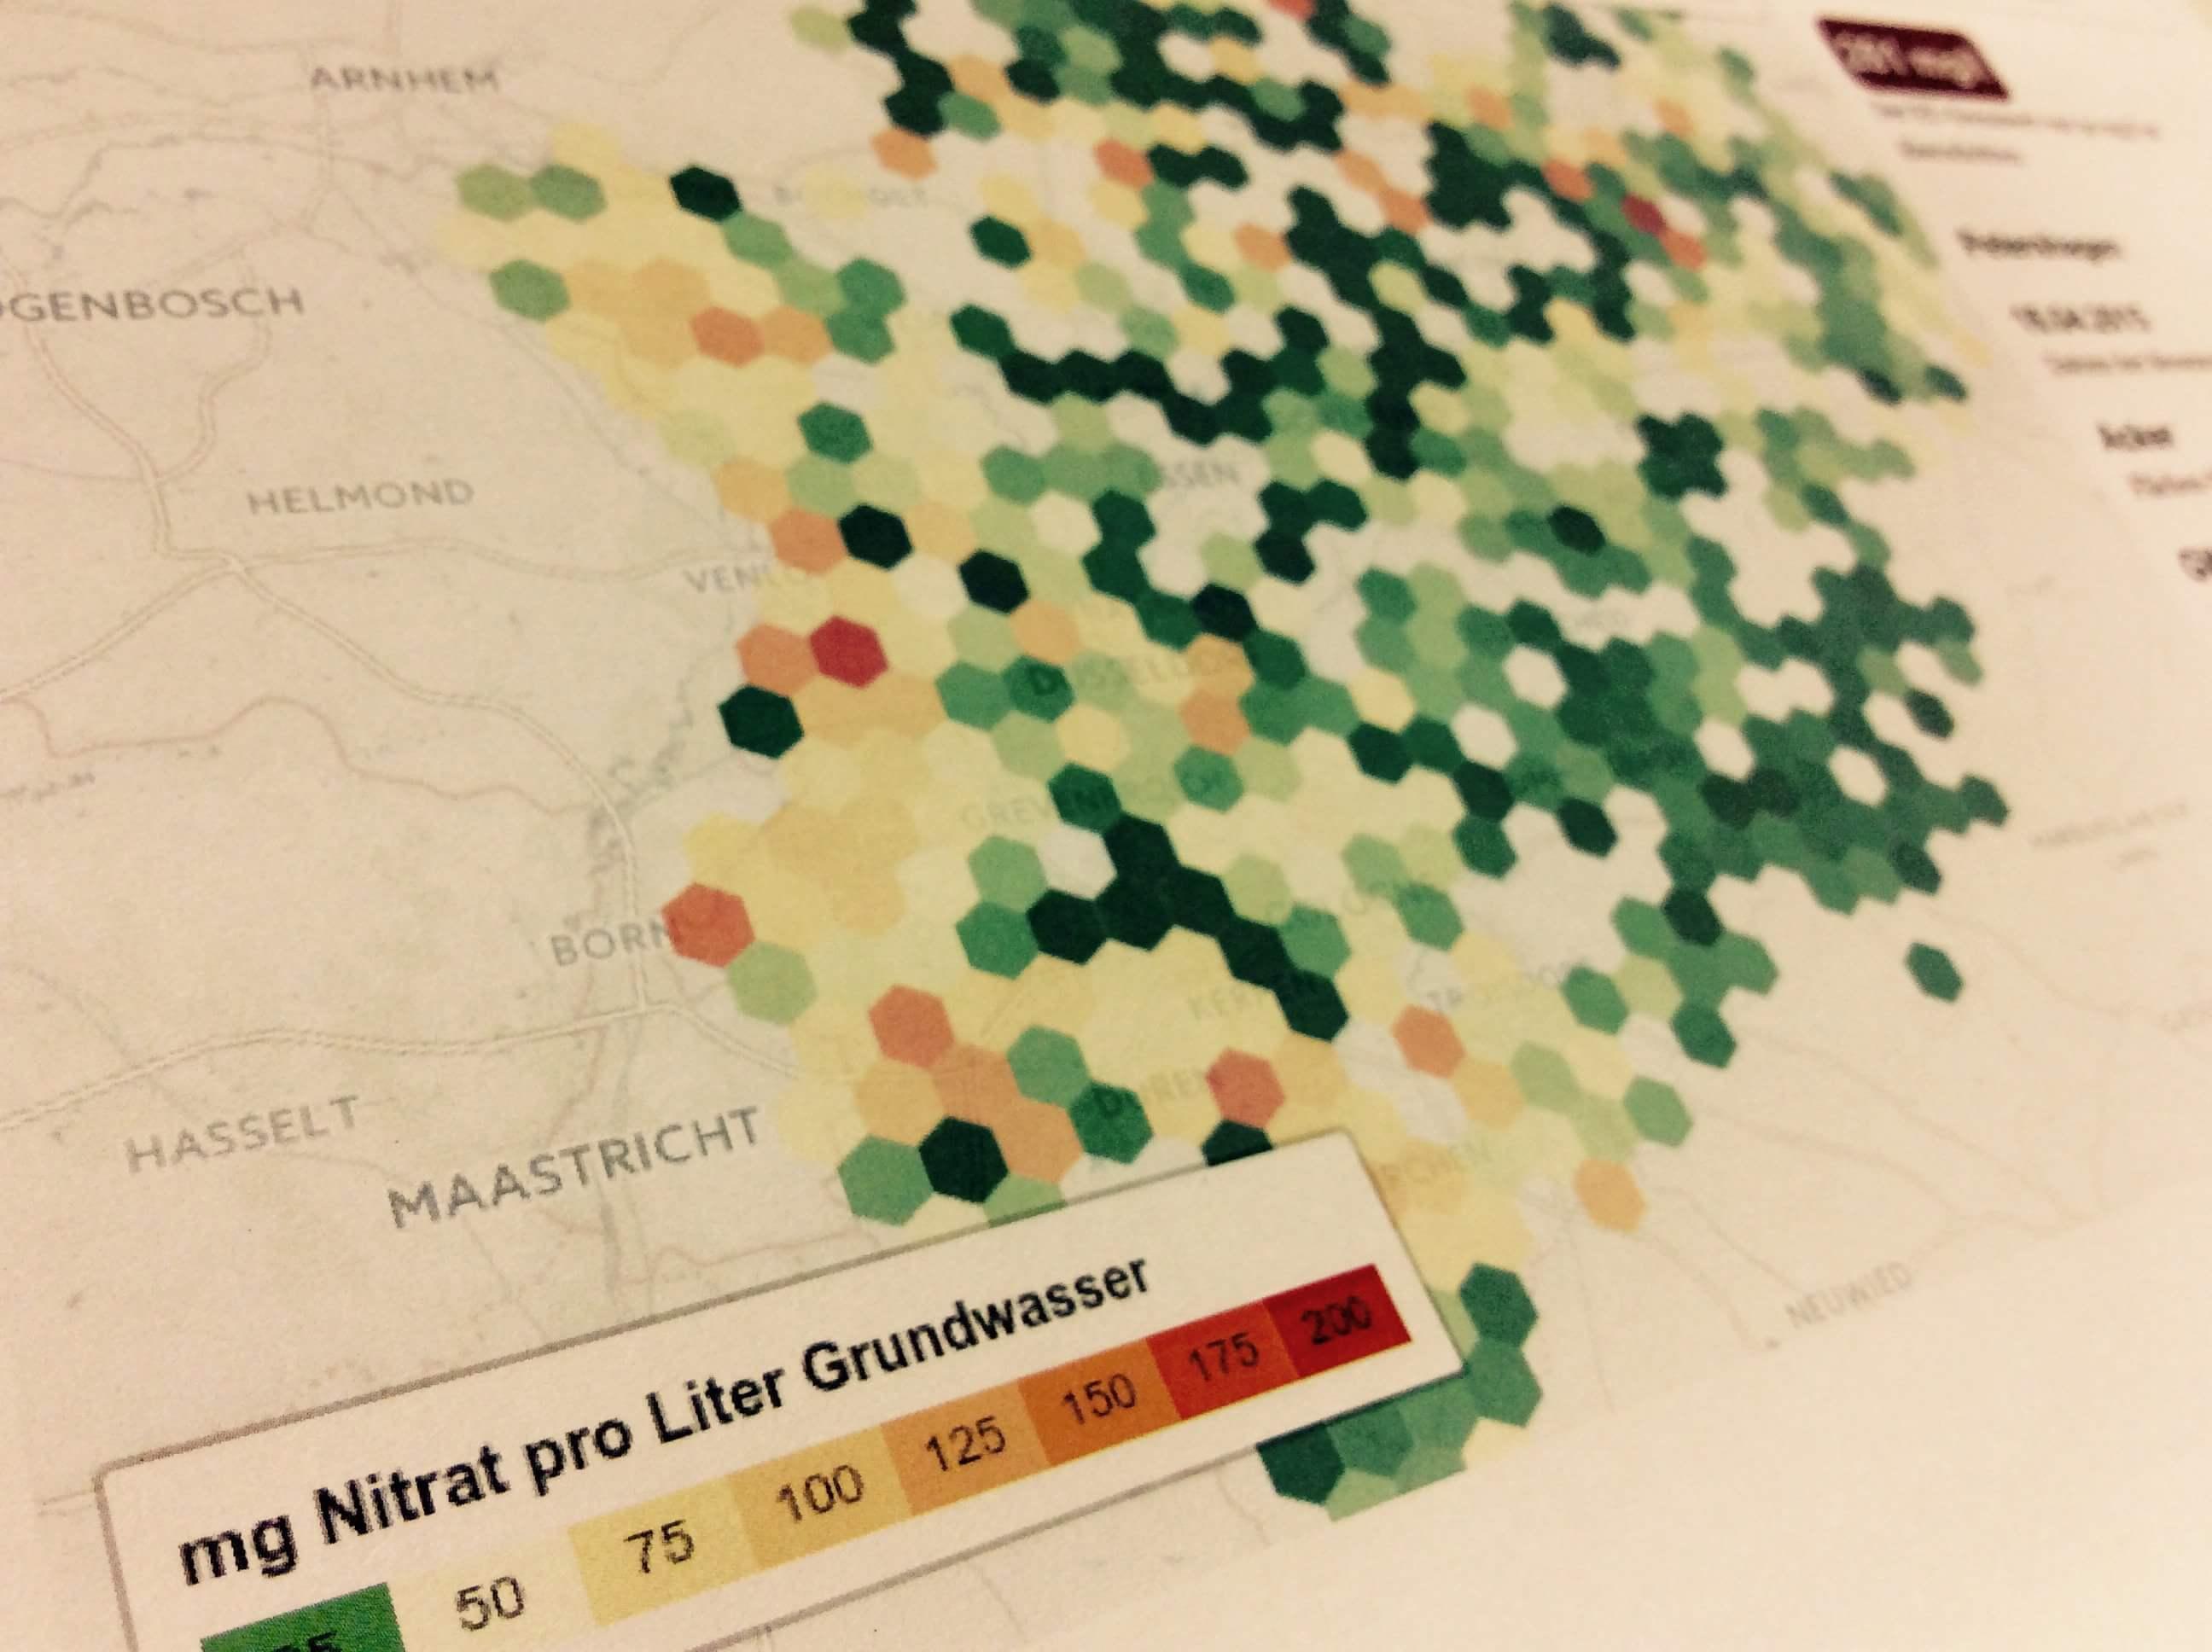 Grundwasserstand Karte Nrw.So Stark Ist Deine Gemeinde Mit Nitrat Belastet Correctiv